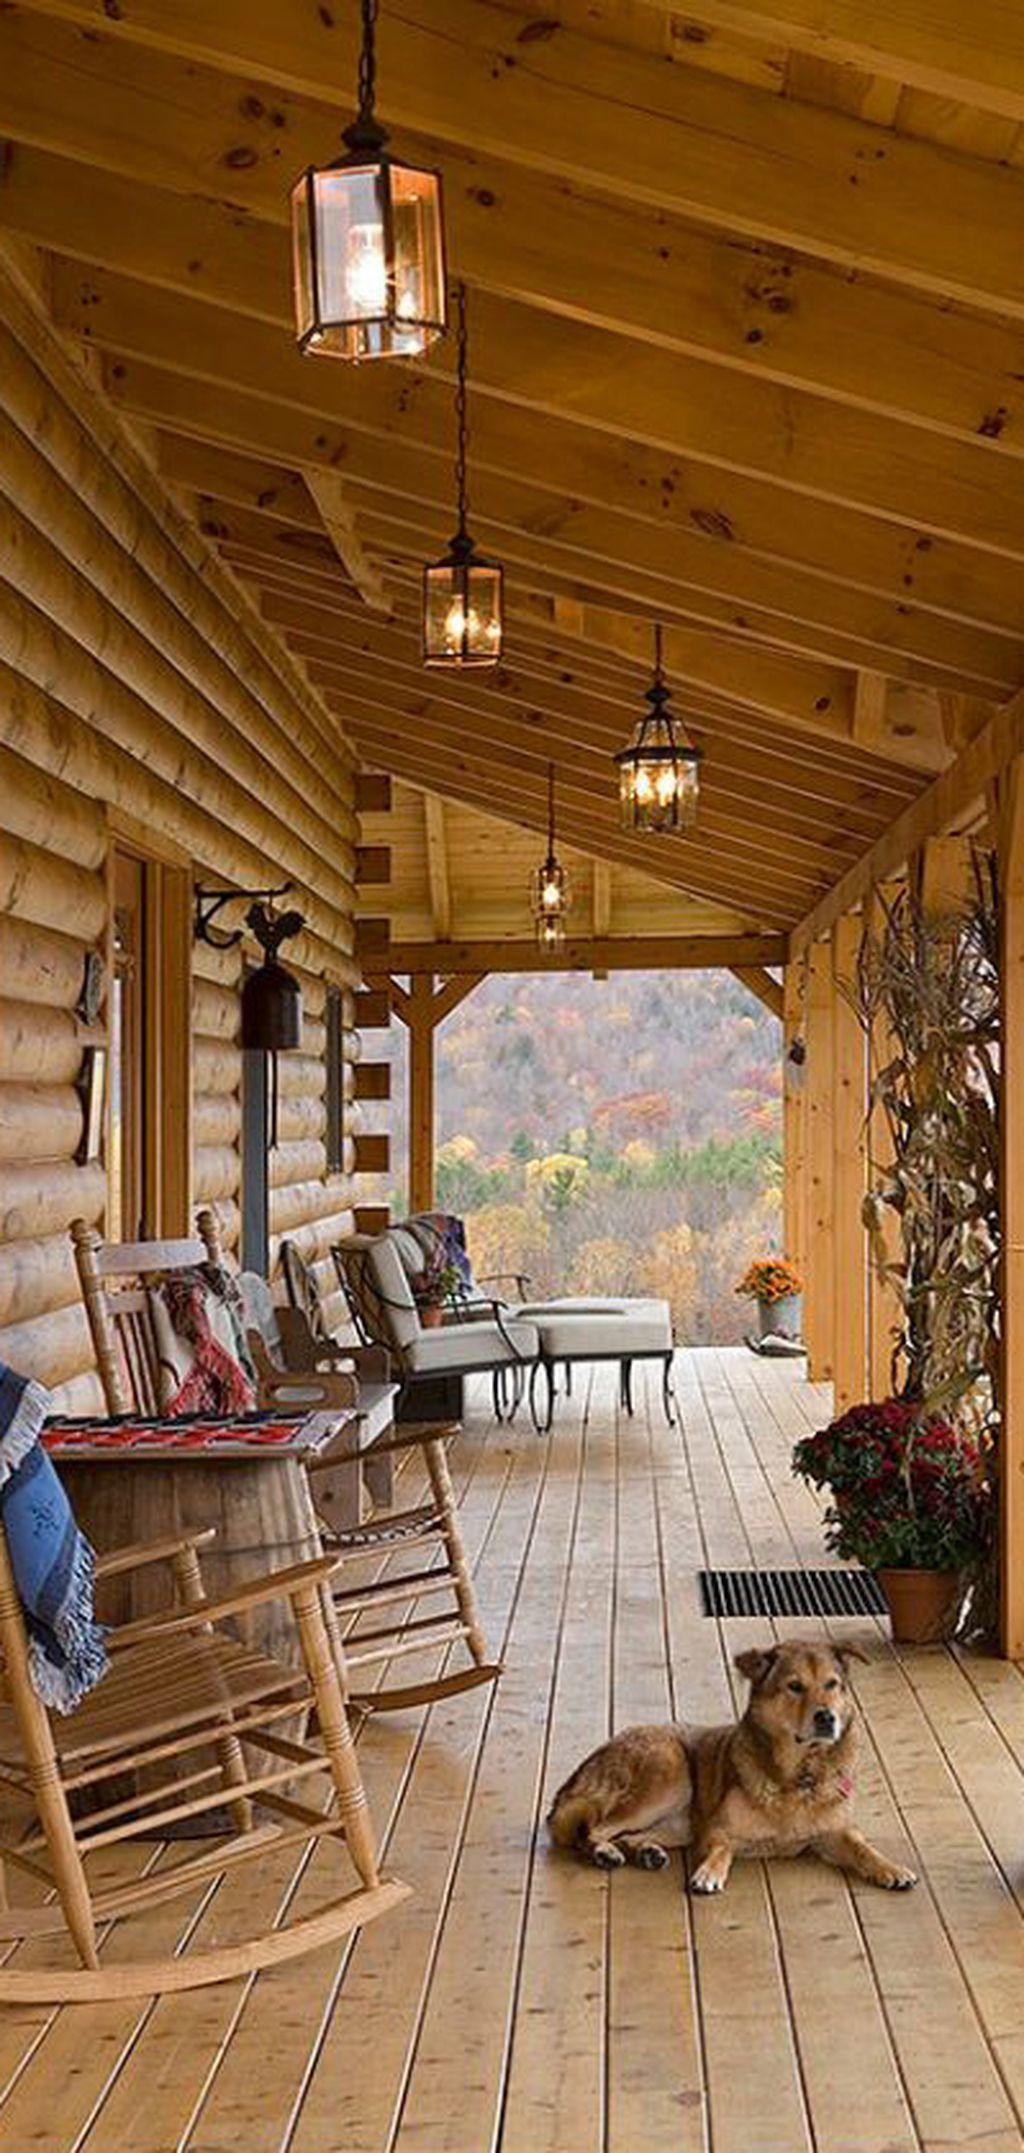 good imagenes de porches rusticos with imagenes de porches rusticos - Porches Rusticos